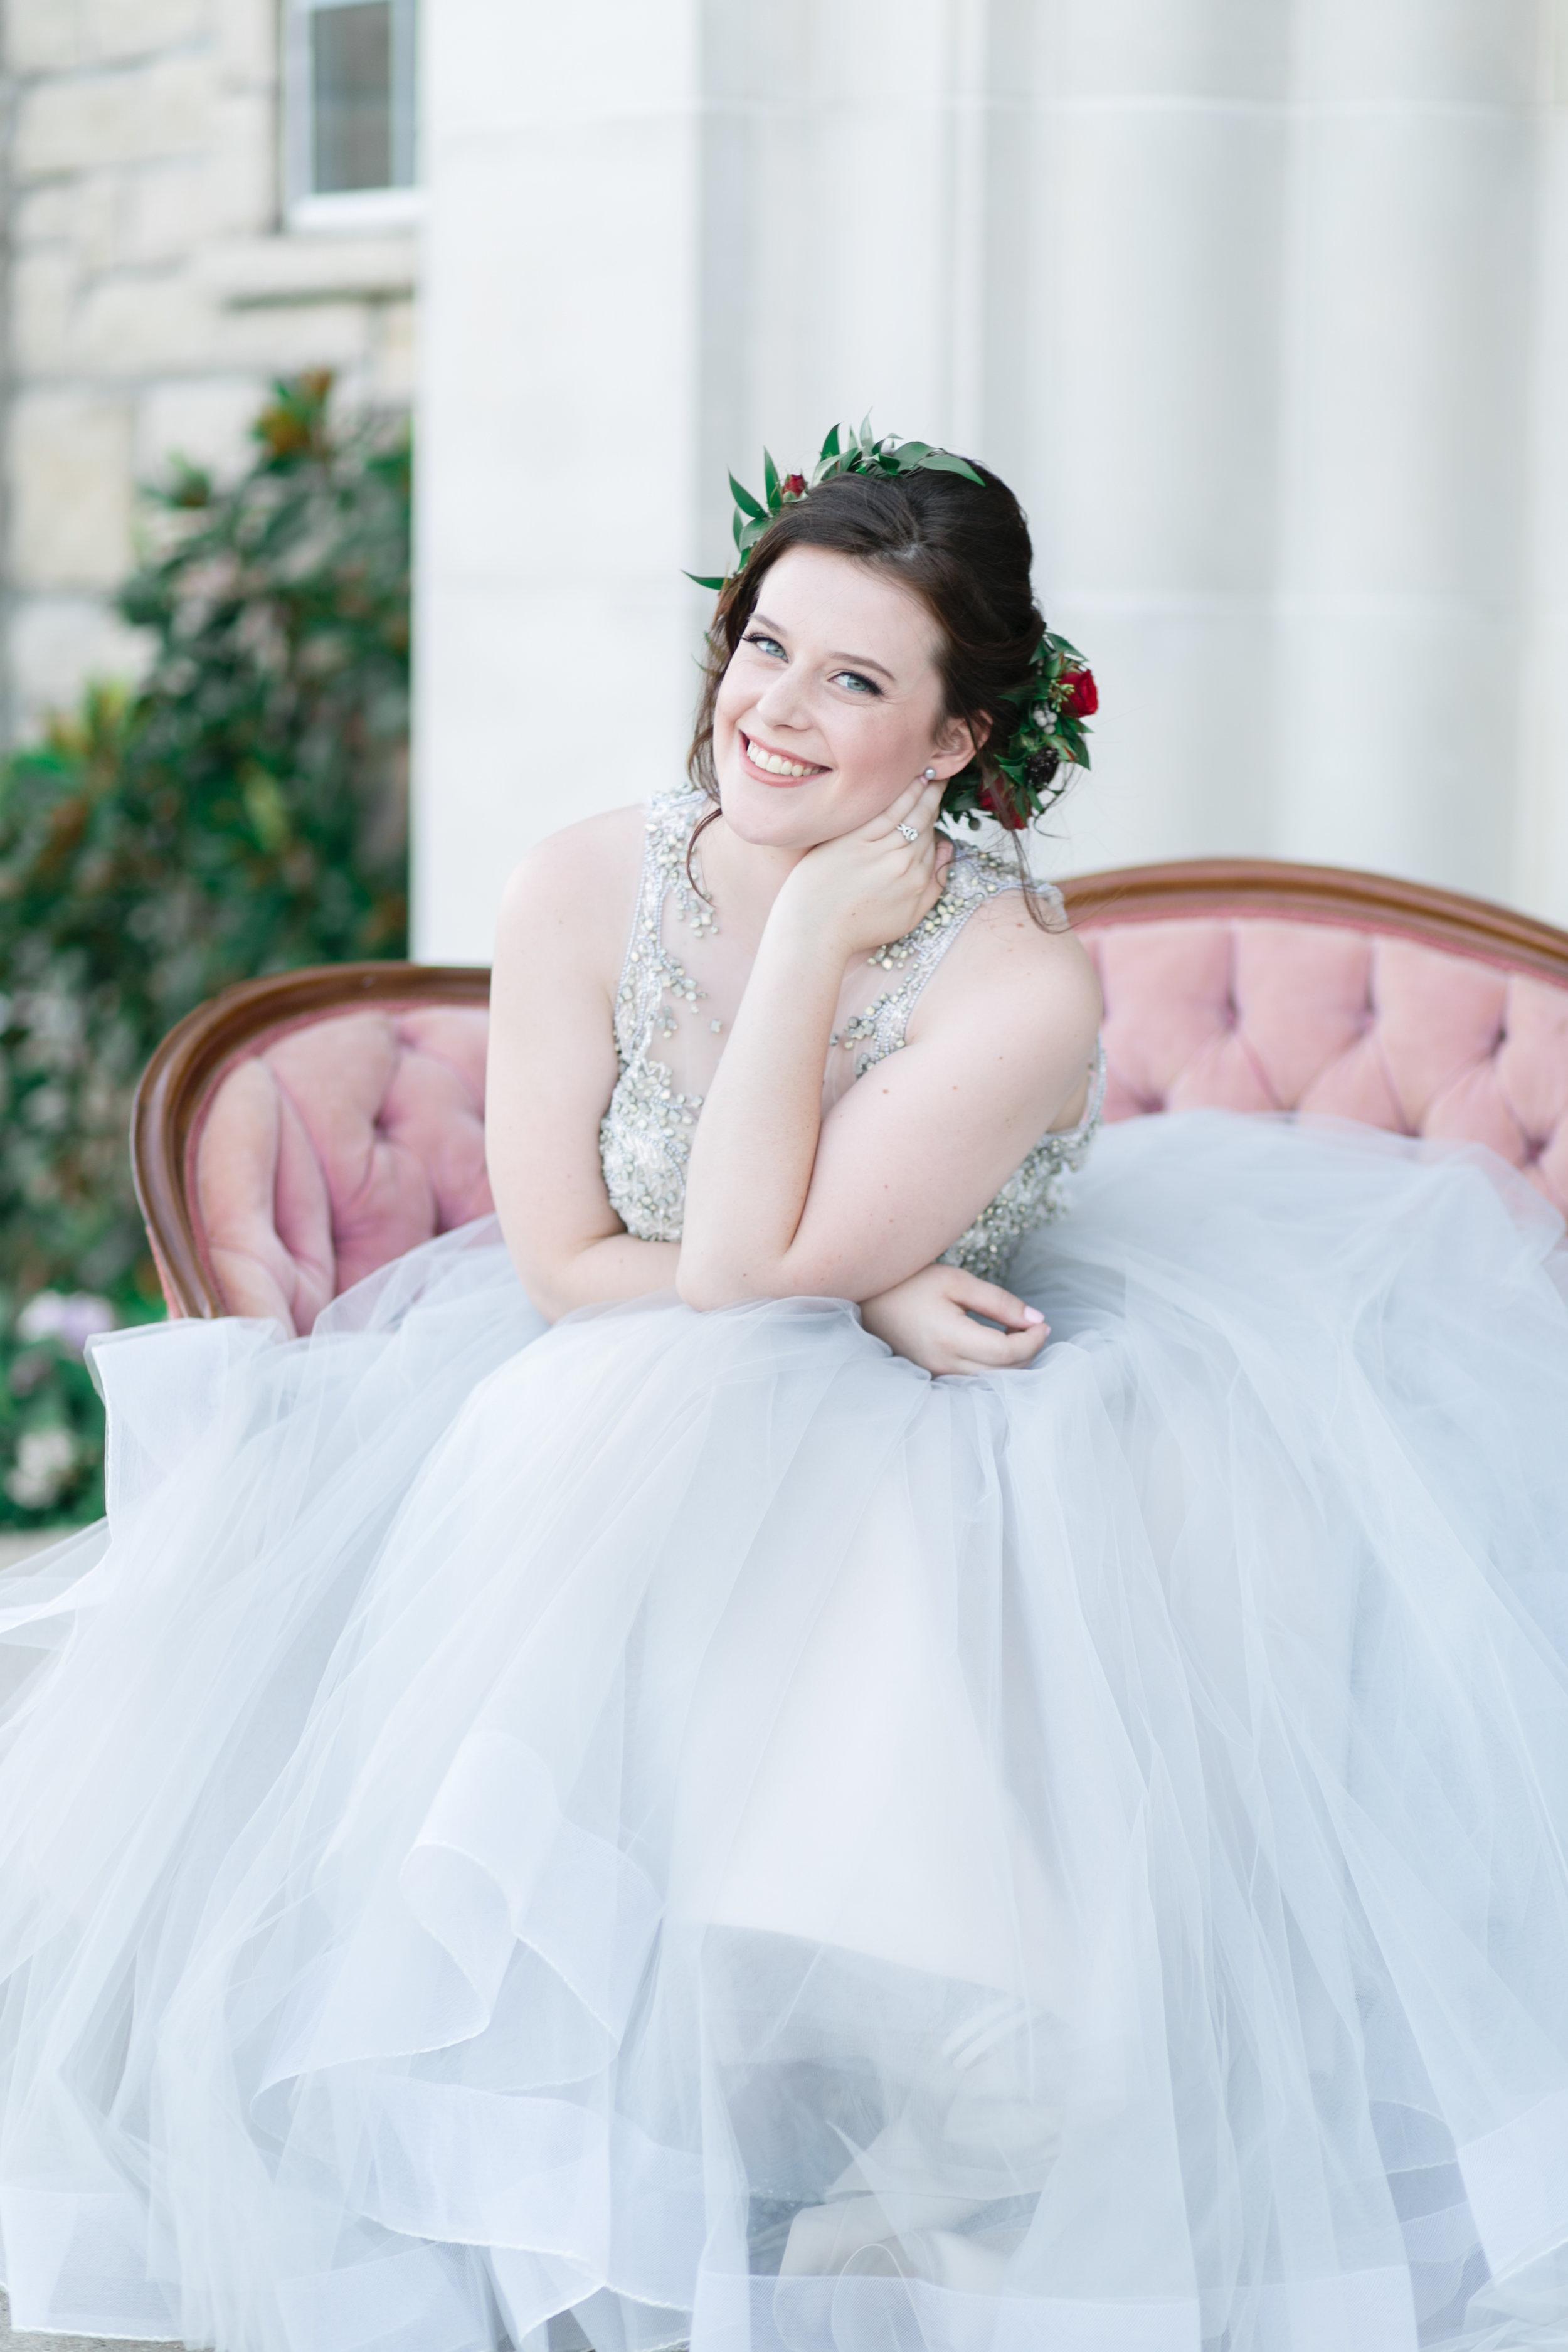 AnnaMarie-bridal-44.JPG